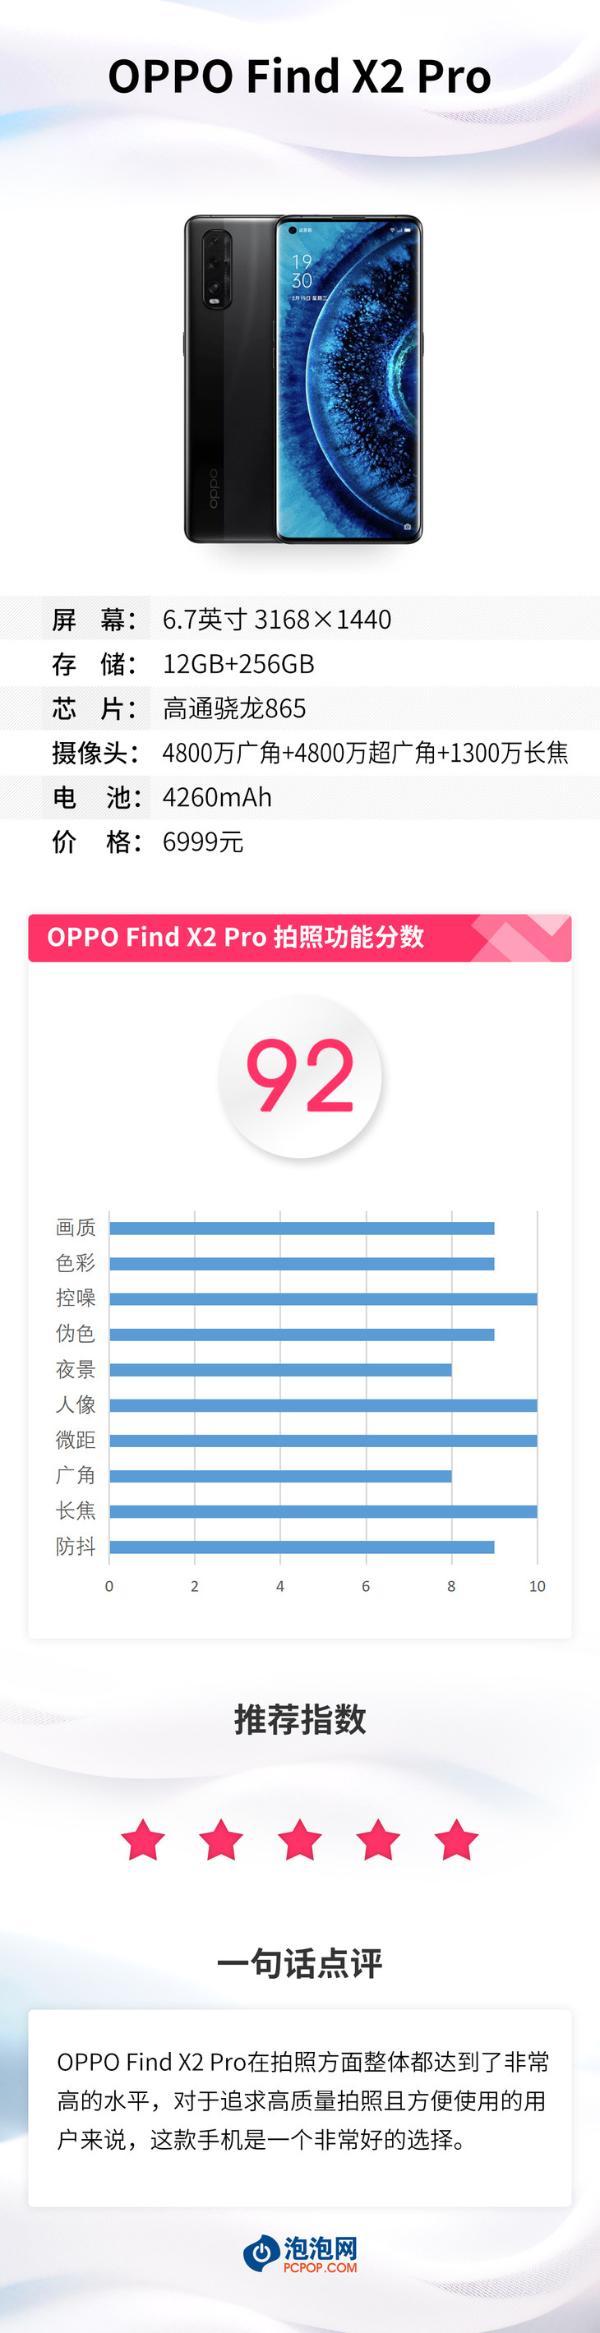 旗舰实力 OPPO Find X2 Pro相机评分:综合92分